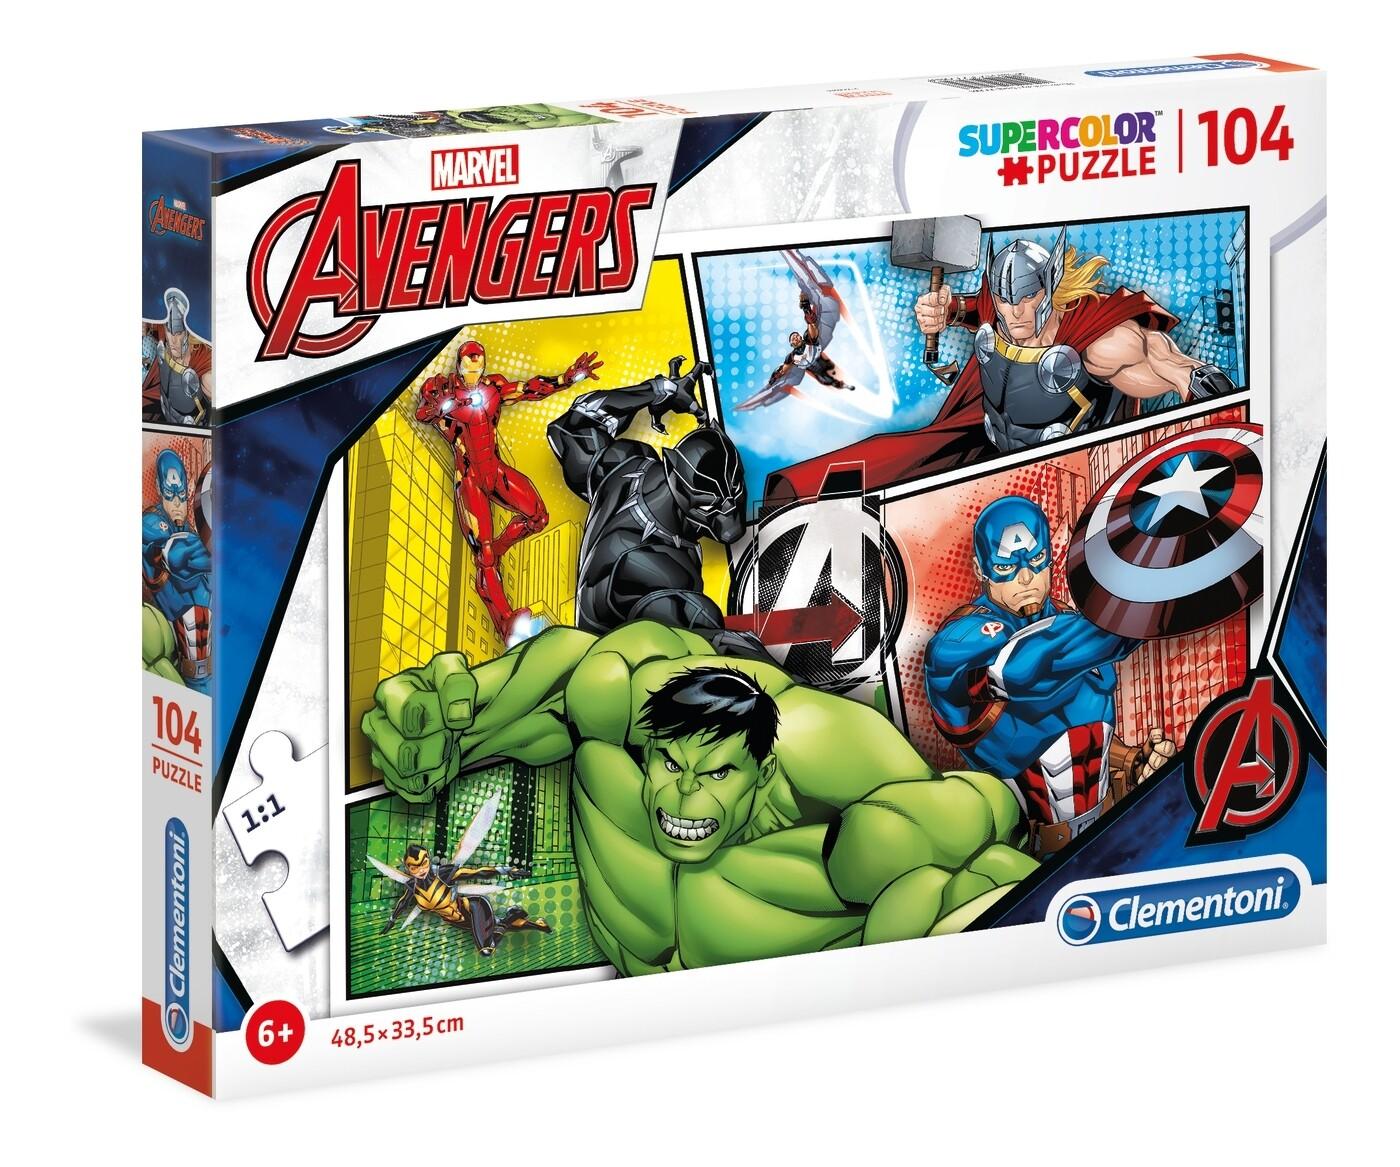 PUZZLE Super 104pcs Vingadores Marvel - CLEMENTONI